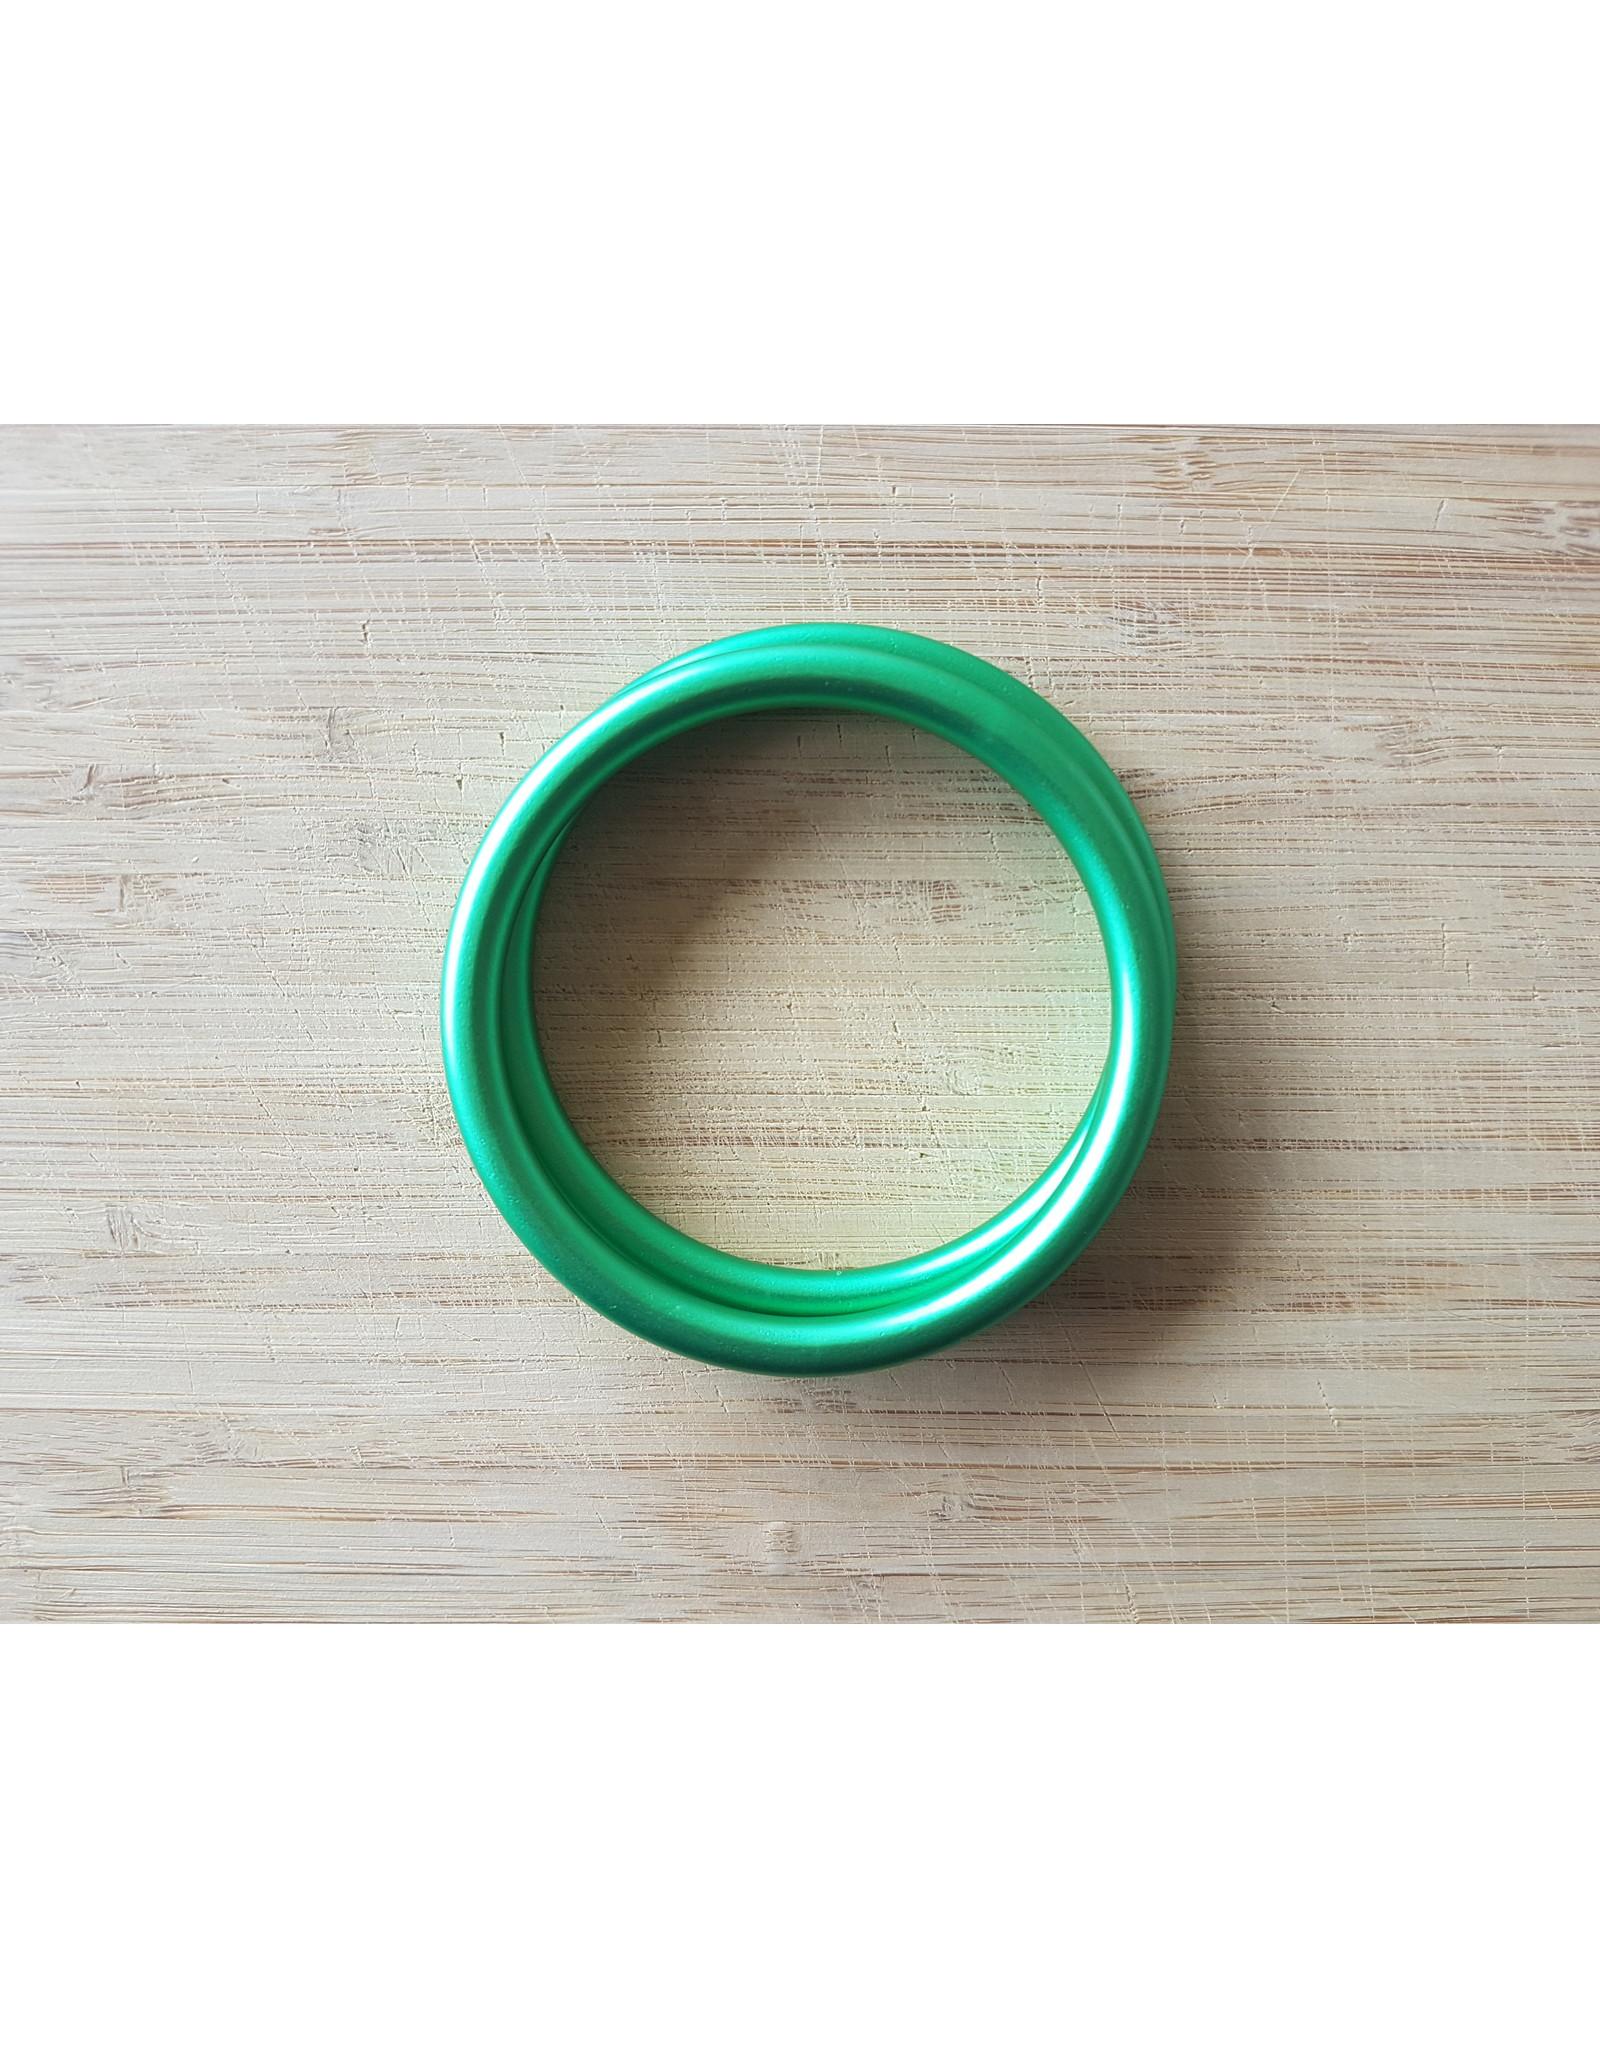 Slingringen maat M groen